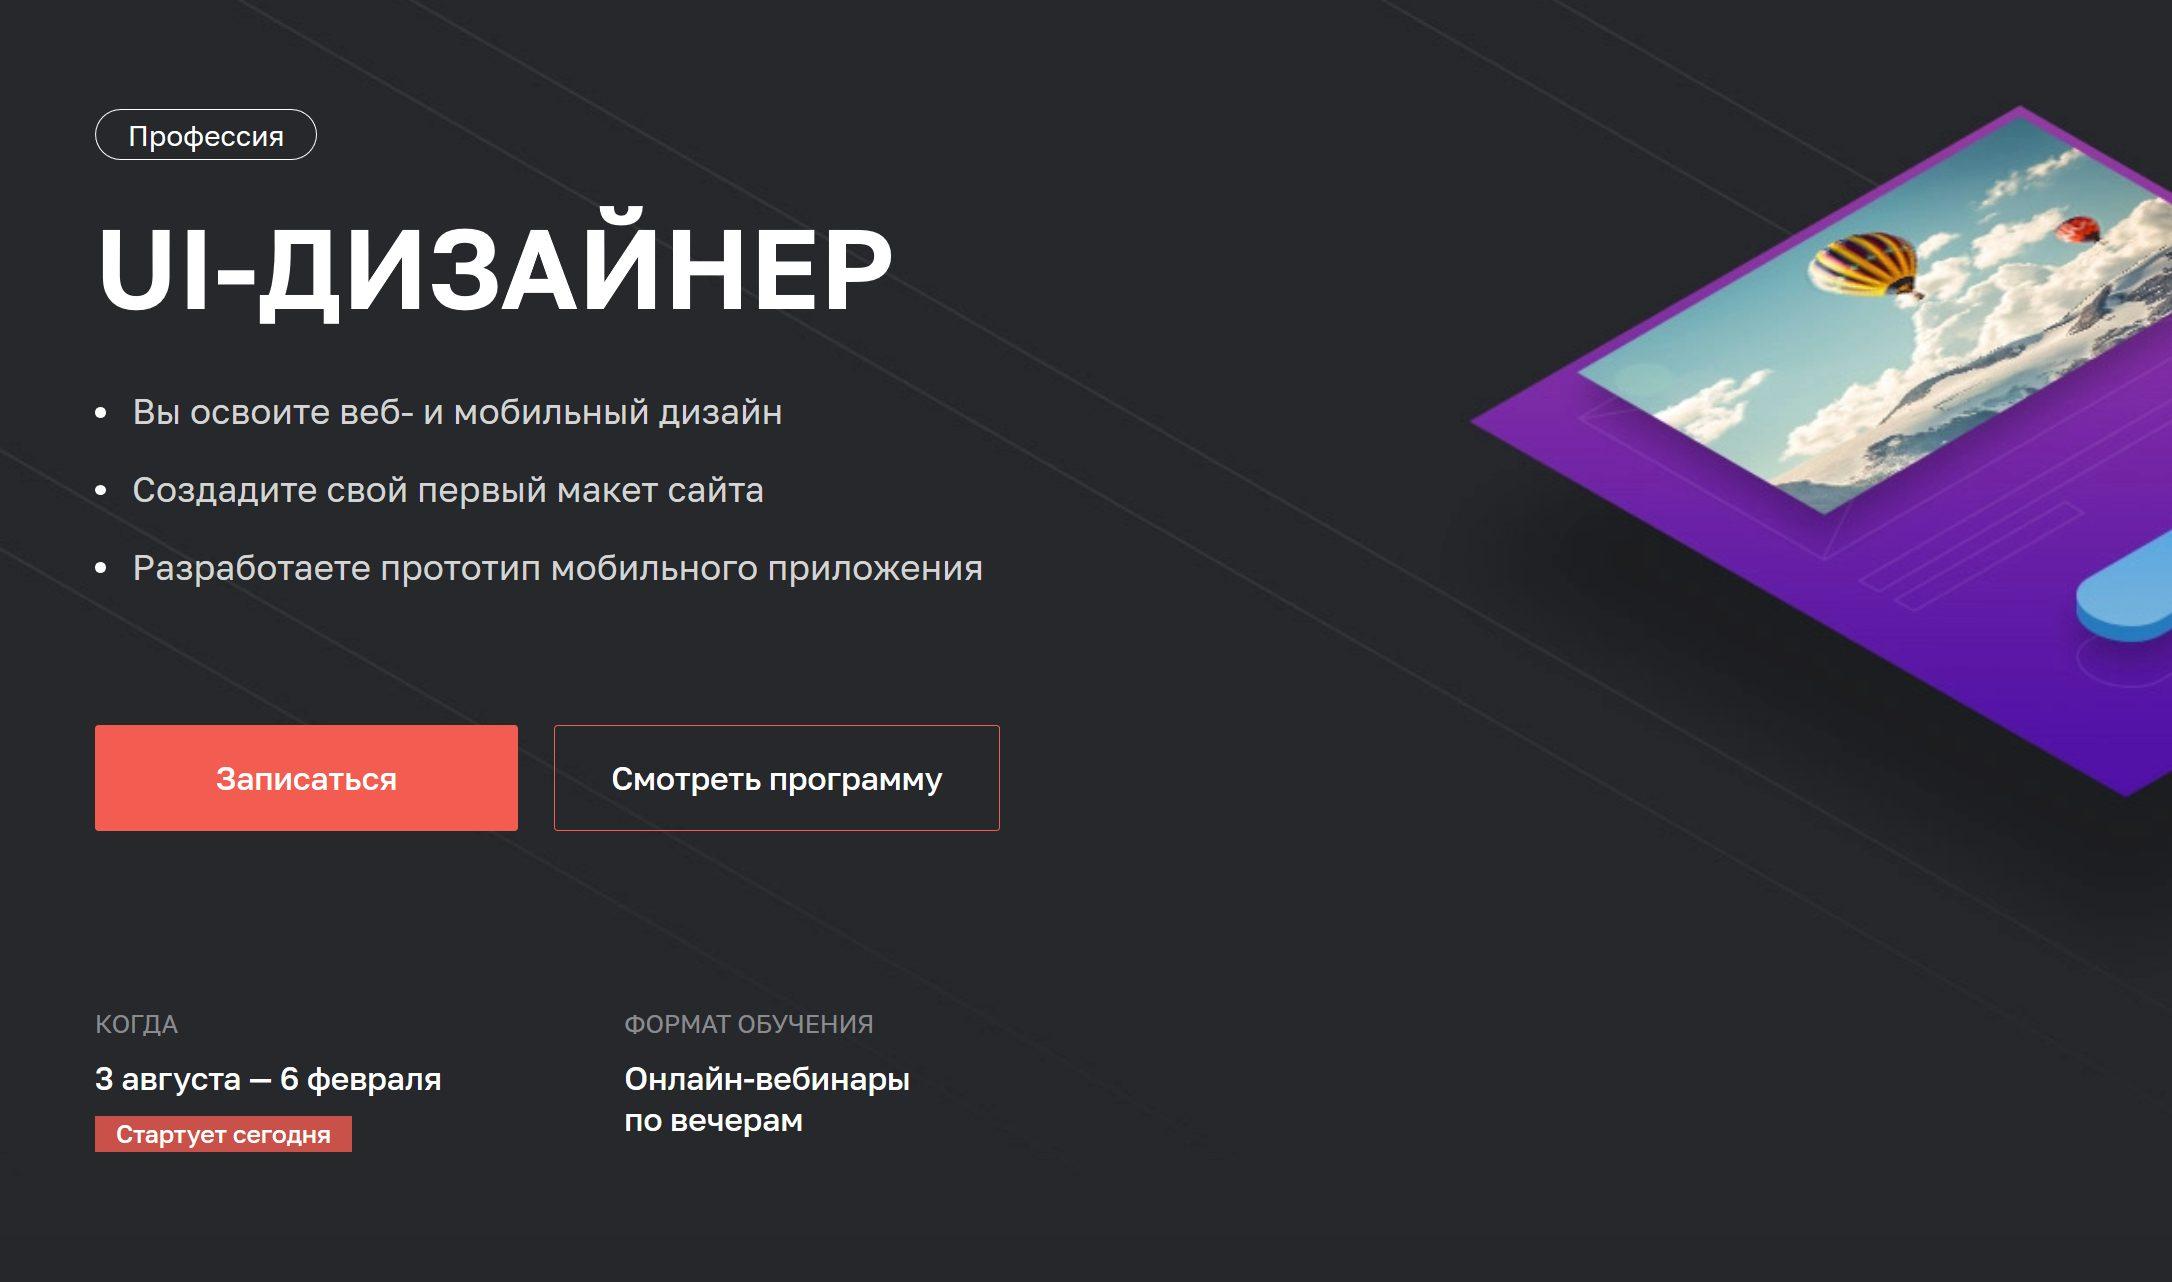 Курс UI-дизайн – обучение UI-дизайнеров онлайн Нетология